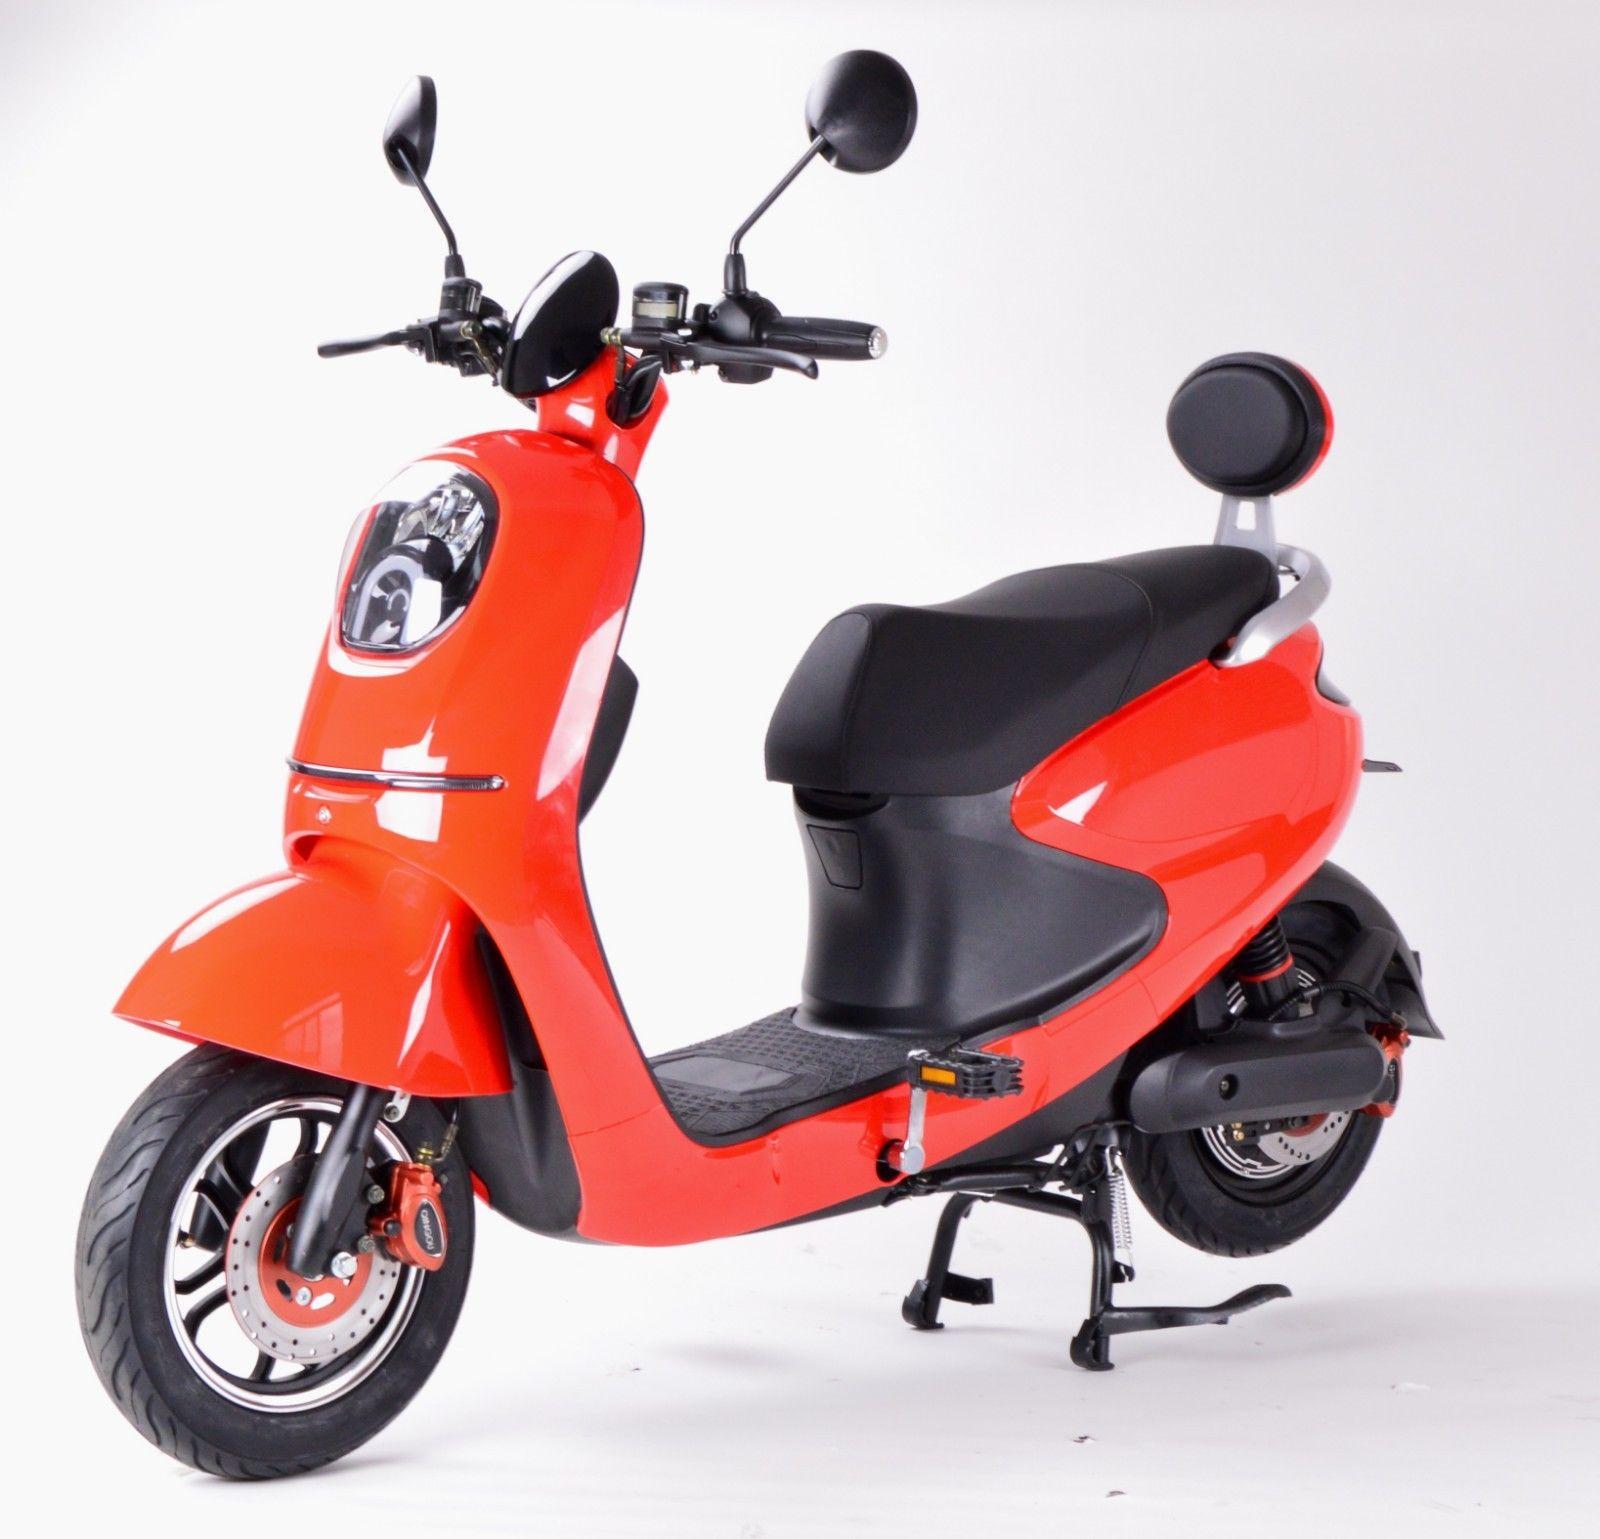 Buzz-orange-side